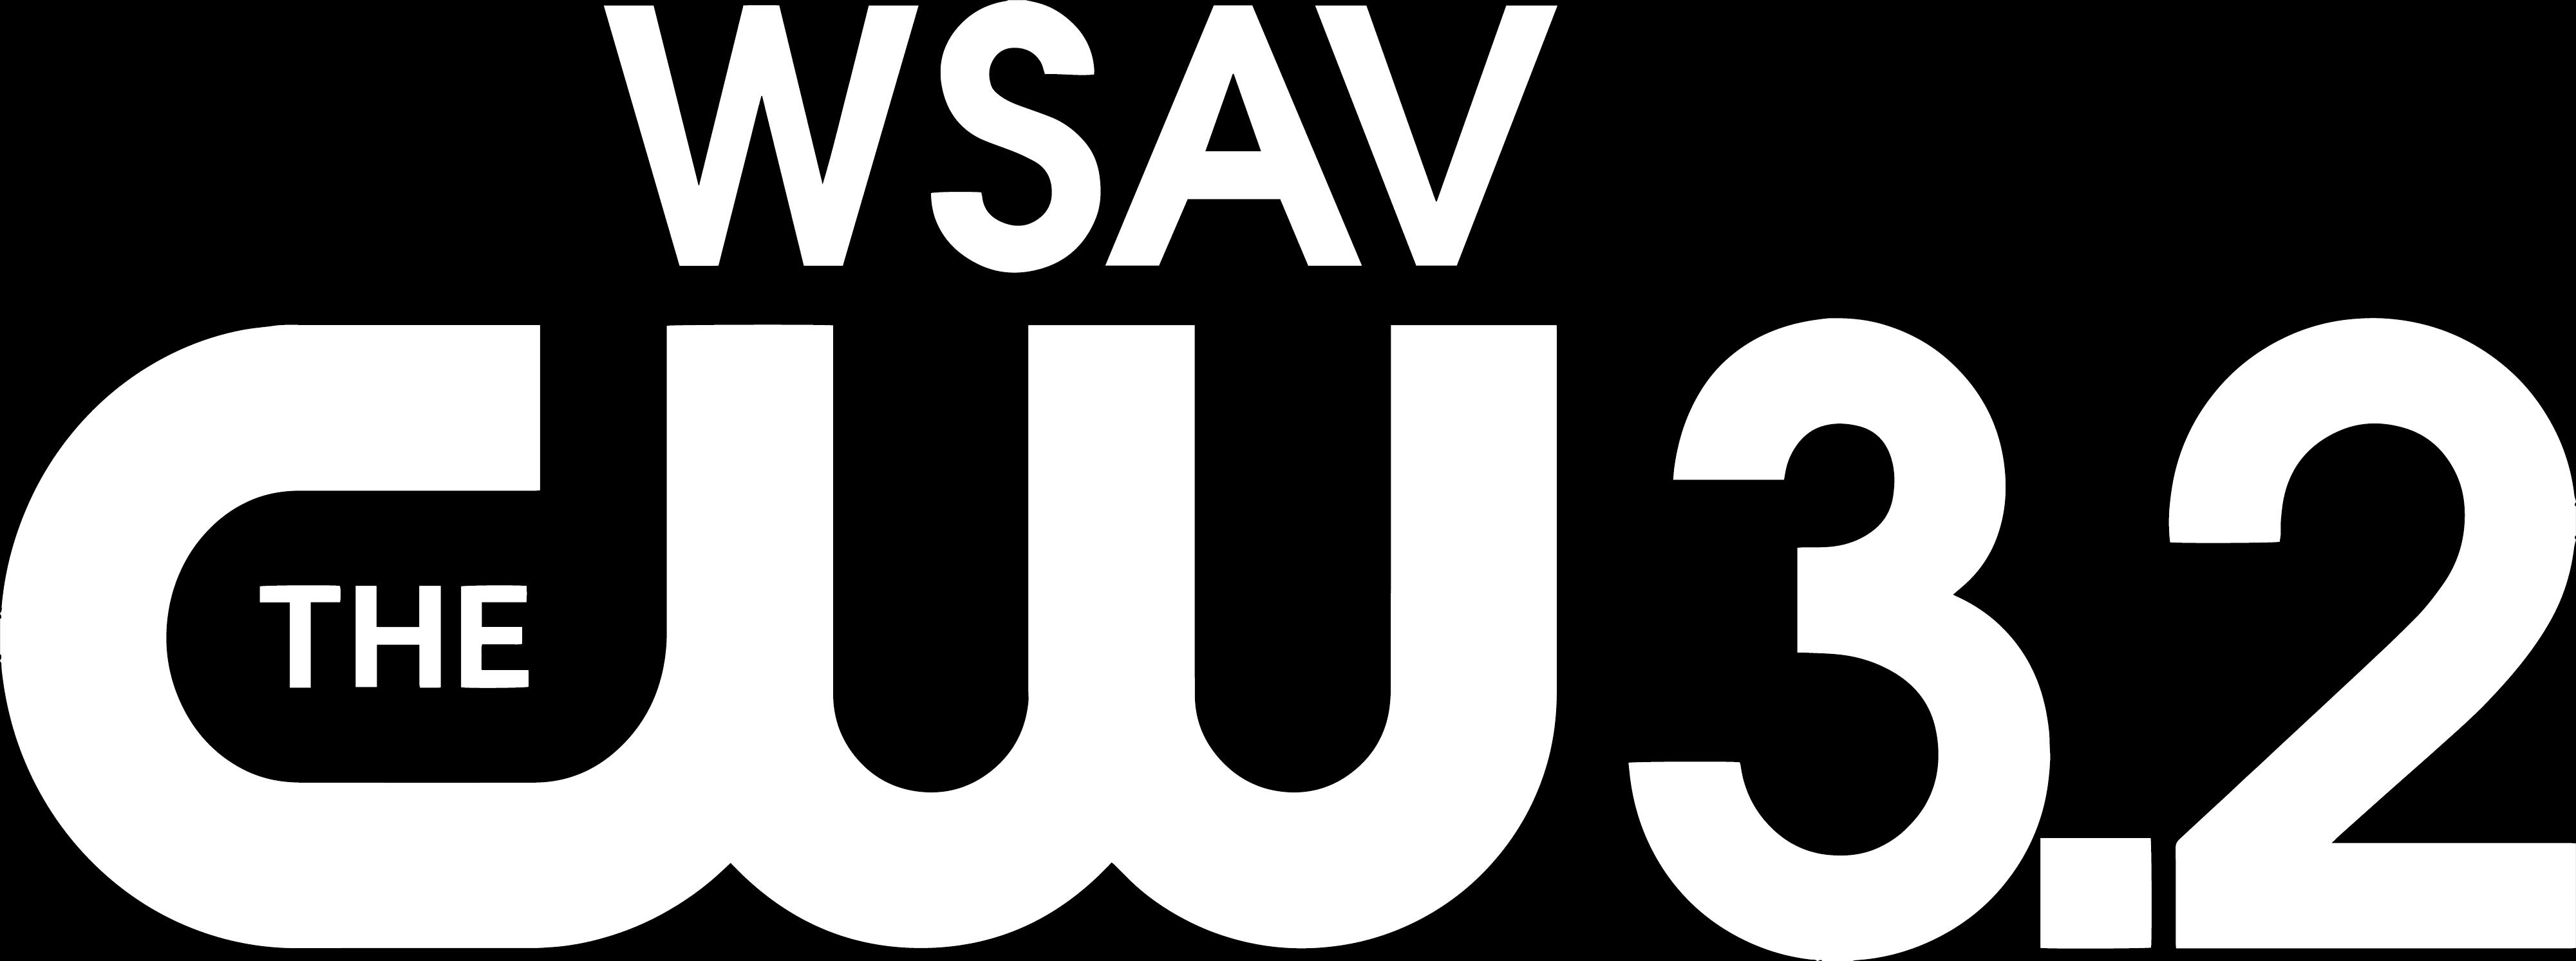 CW Savannah